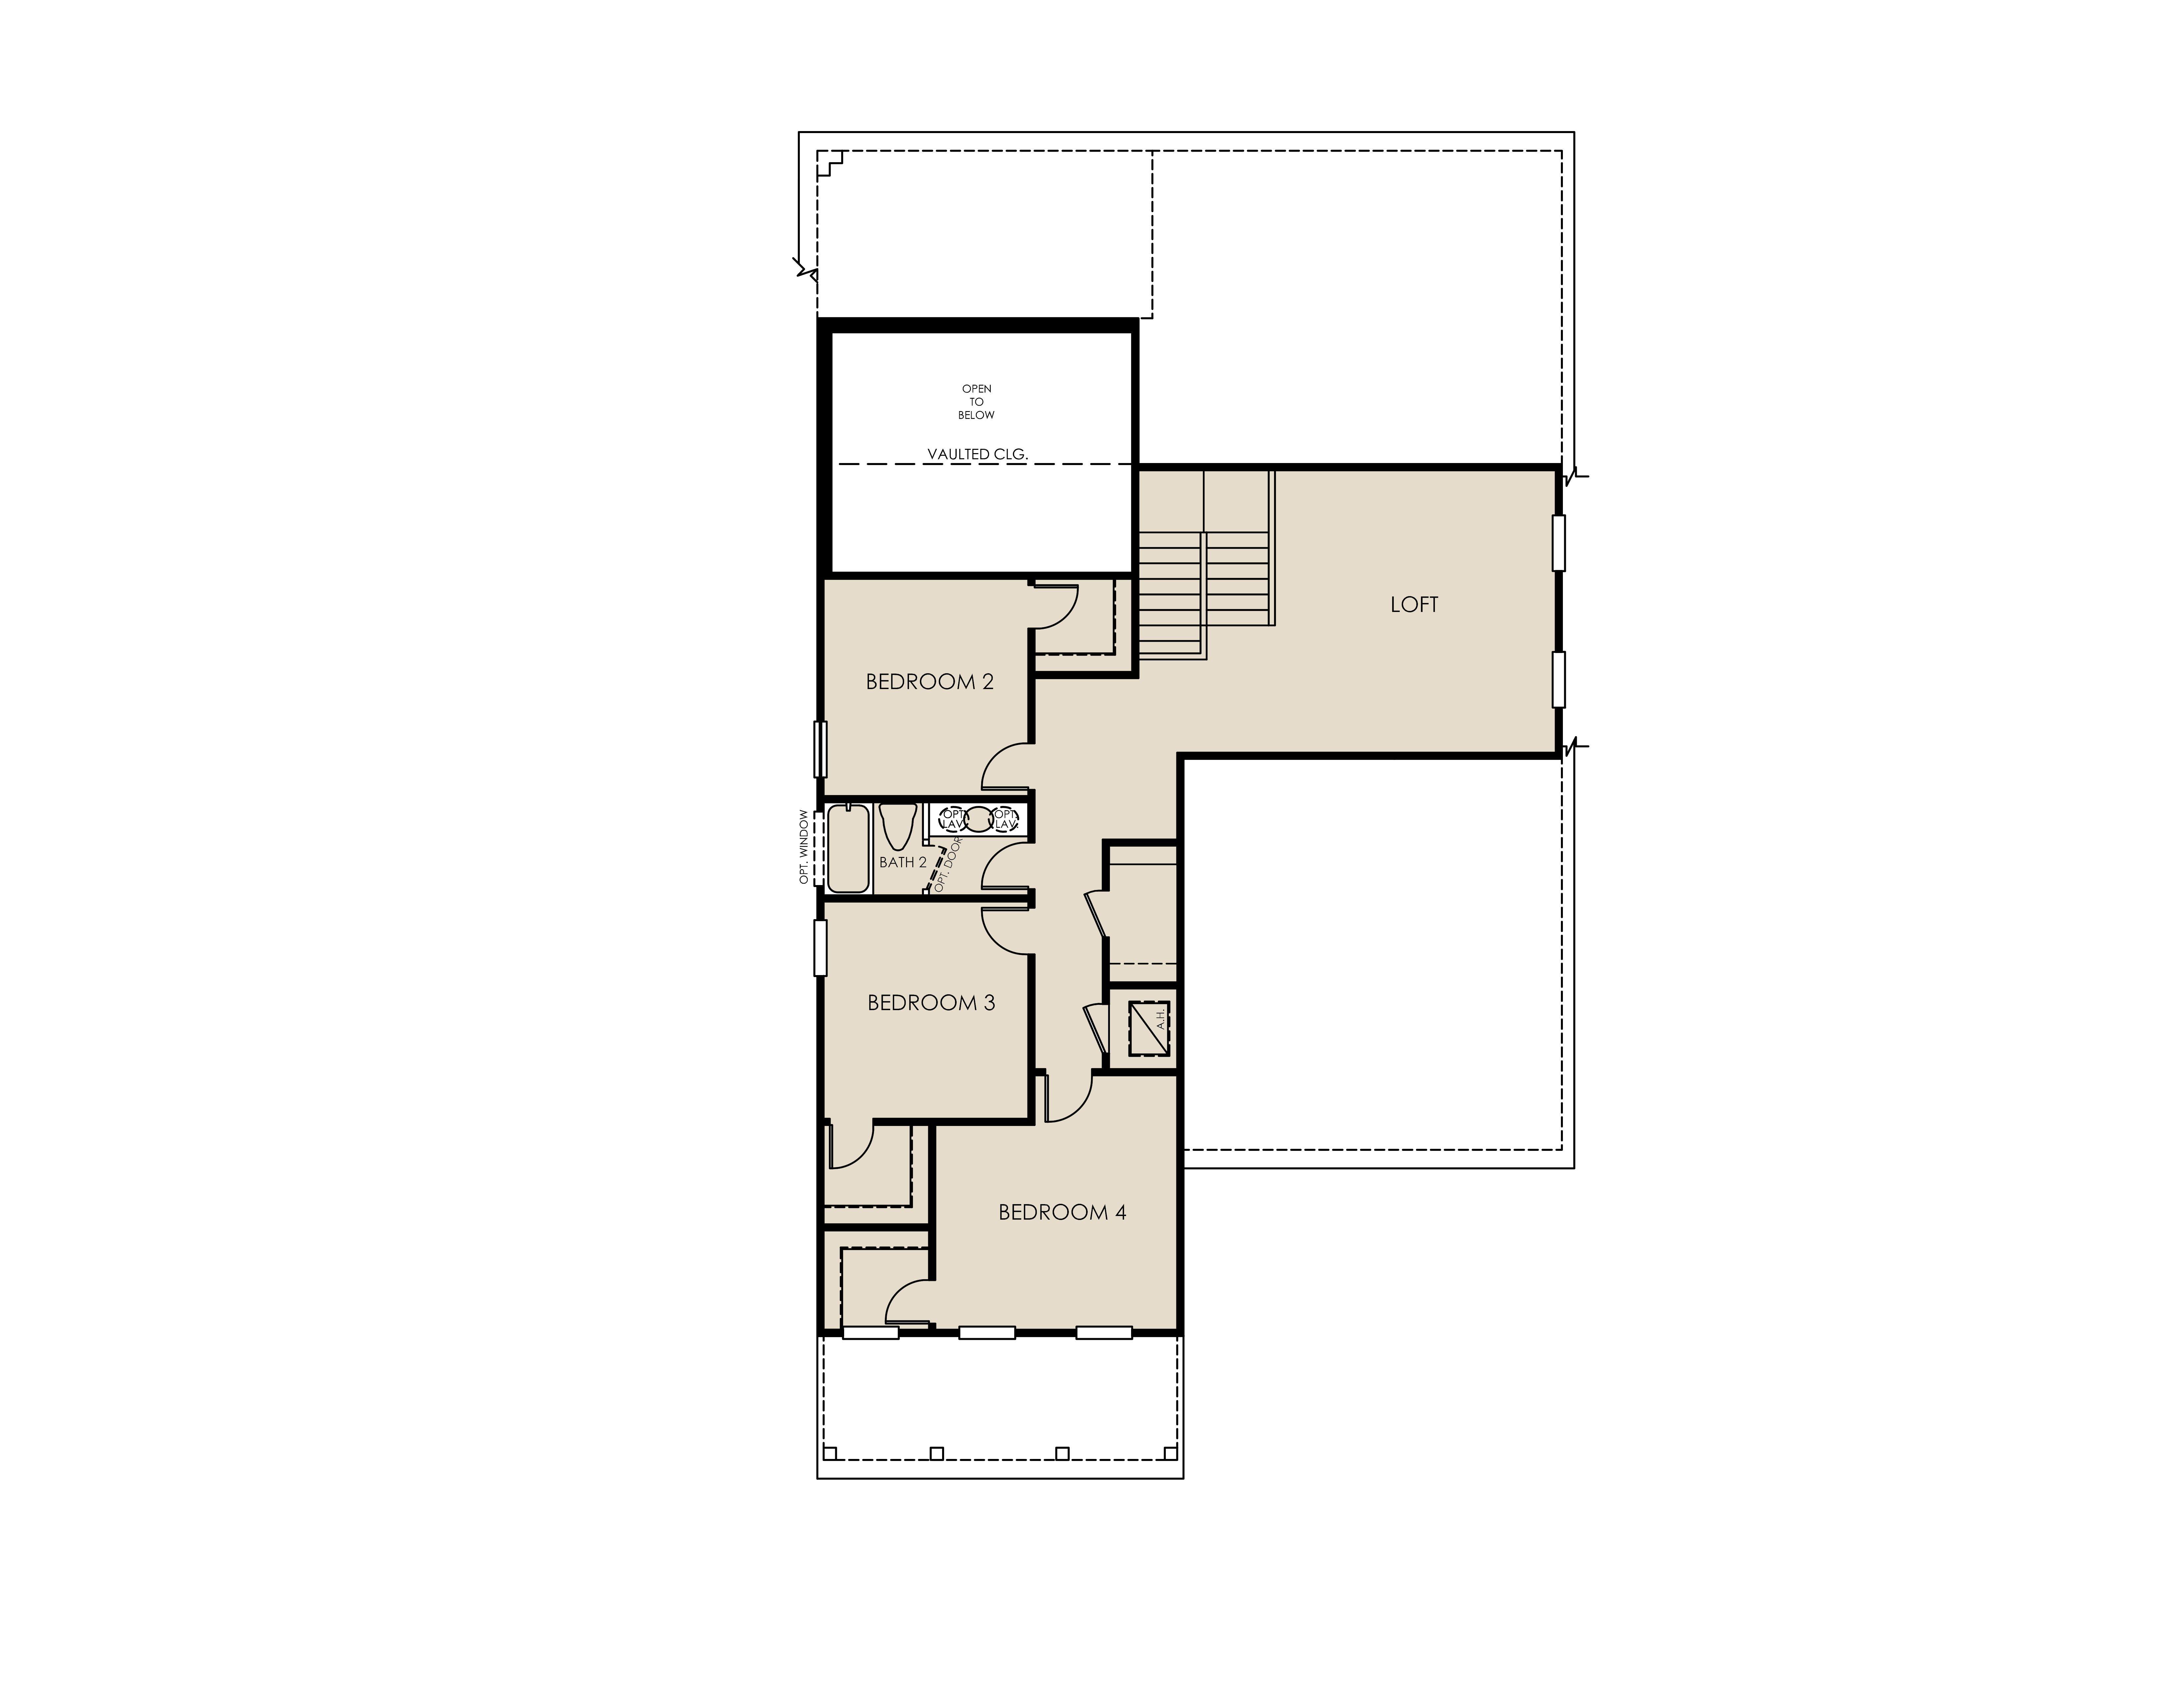 Contemporary Ashton Woods Homes Az Crest - Home Decorating Ideas ...